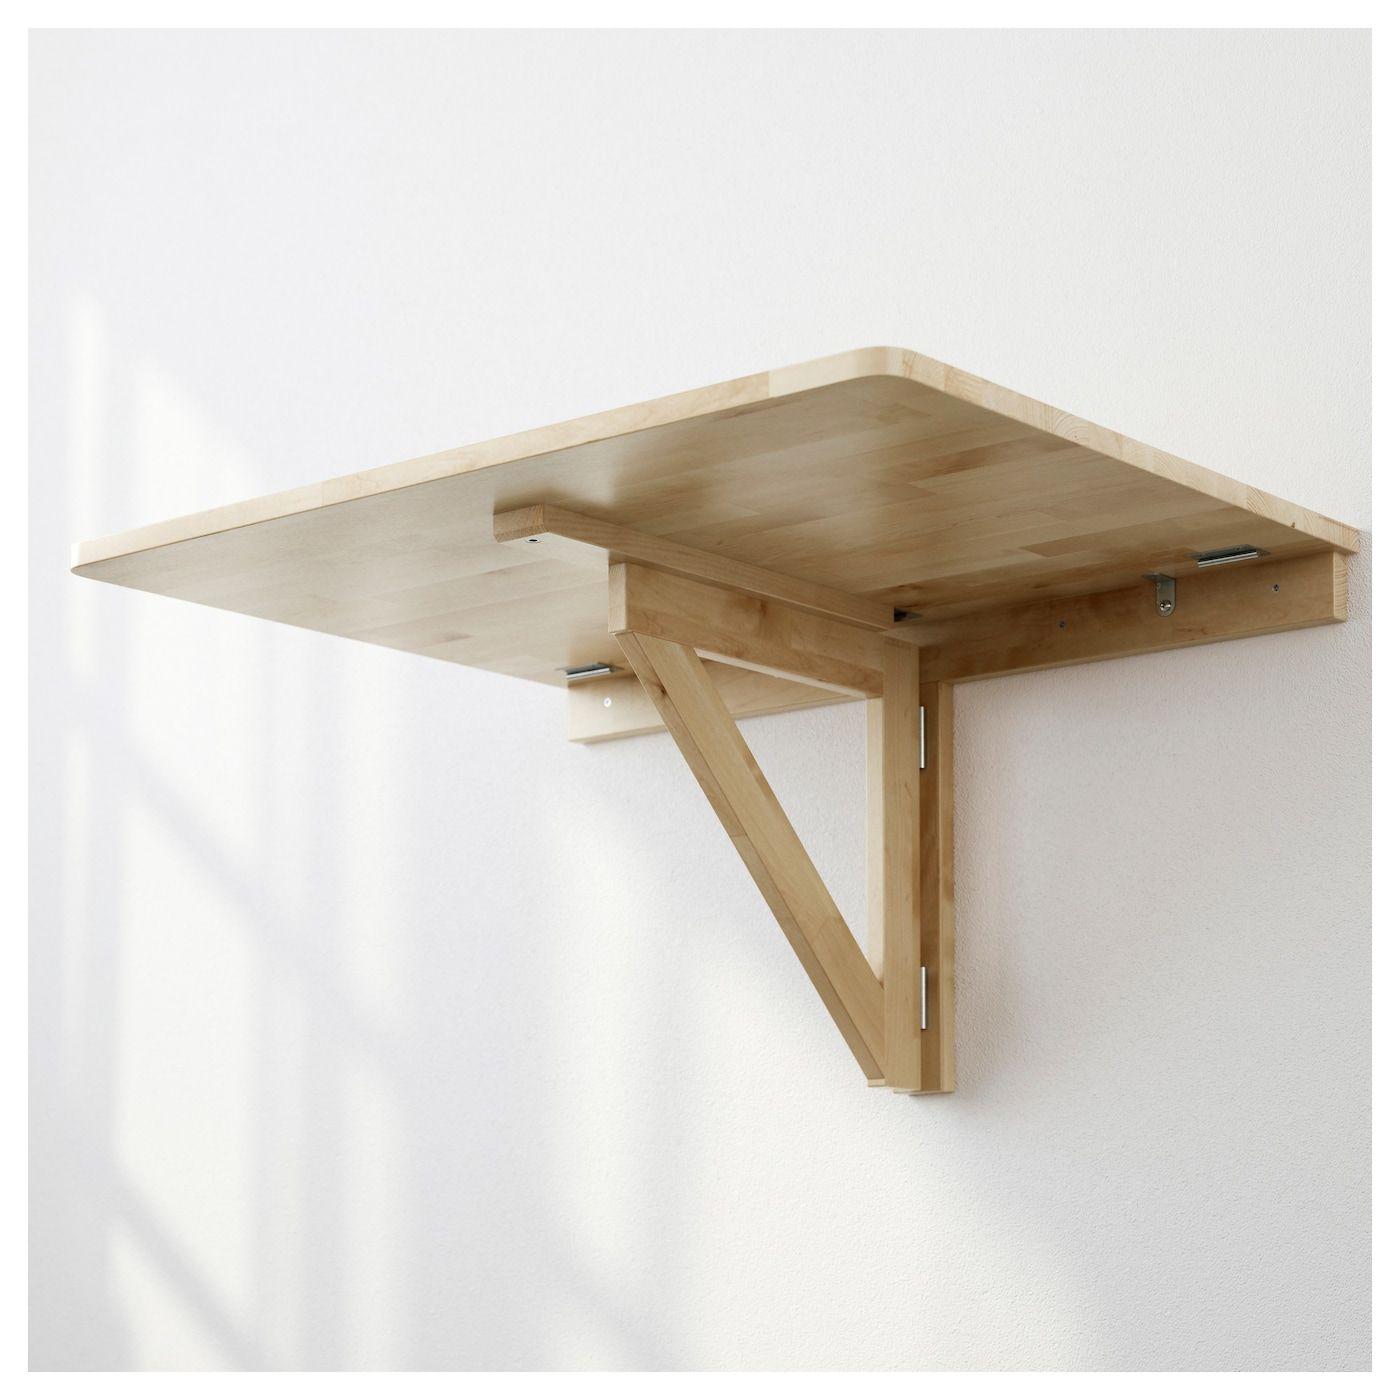 Tavolo Ribaltabile A Parete norbo tavolo ribaltabile da parete - betulla 79x59 cm (mit